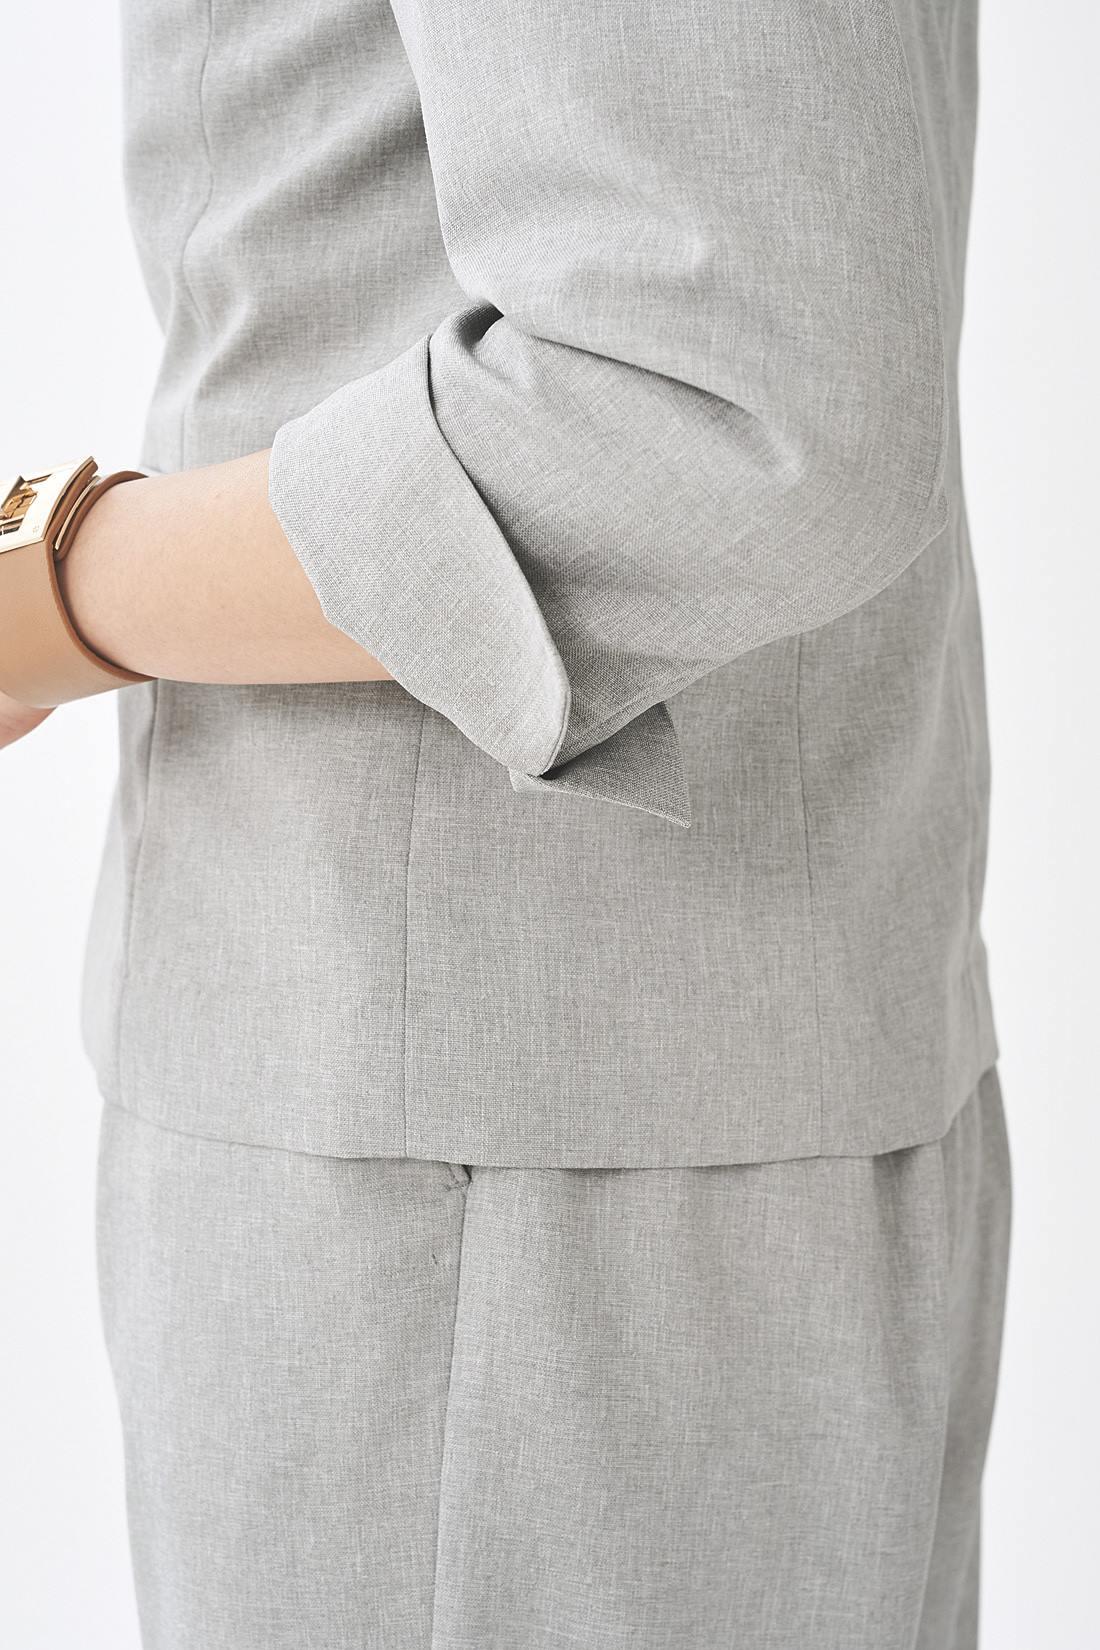 スリット入りの袖は、折り返してもきれい。